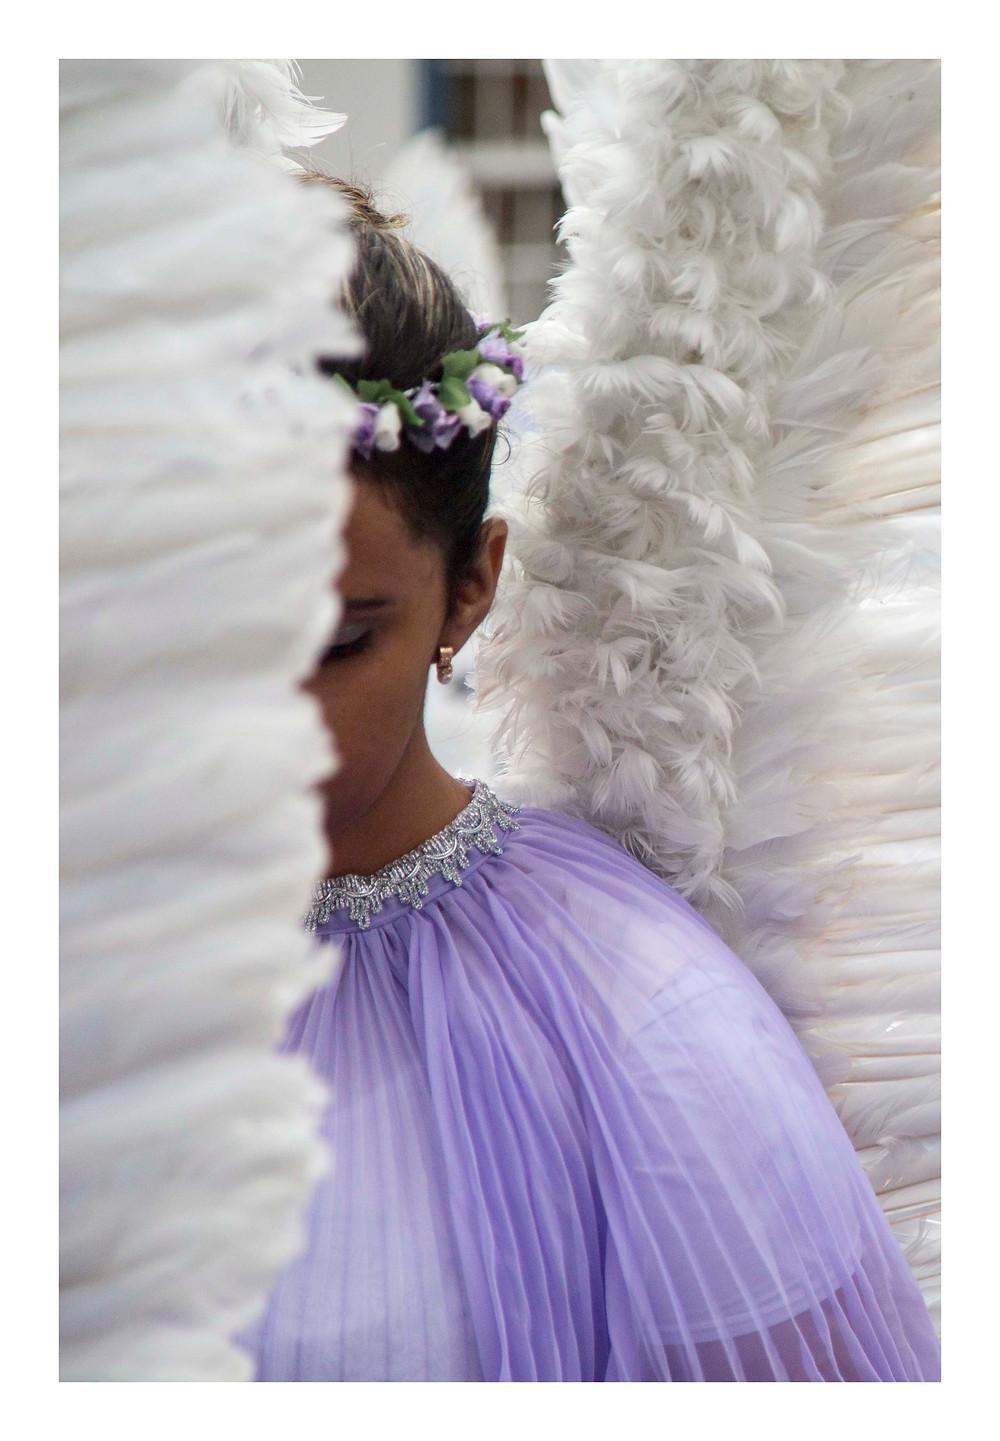 Anjo na procissão de Páscoa de Ouro Preto